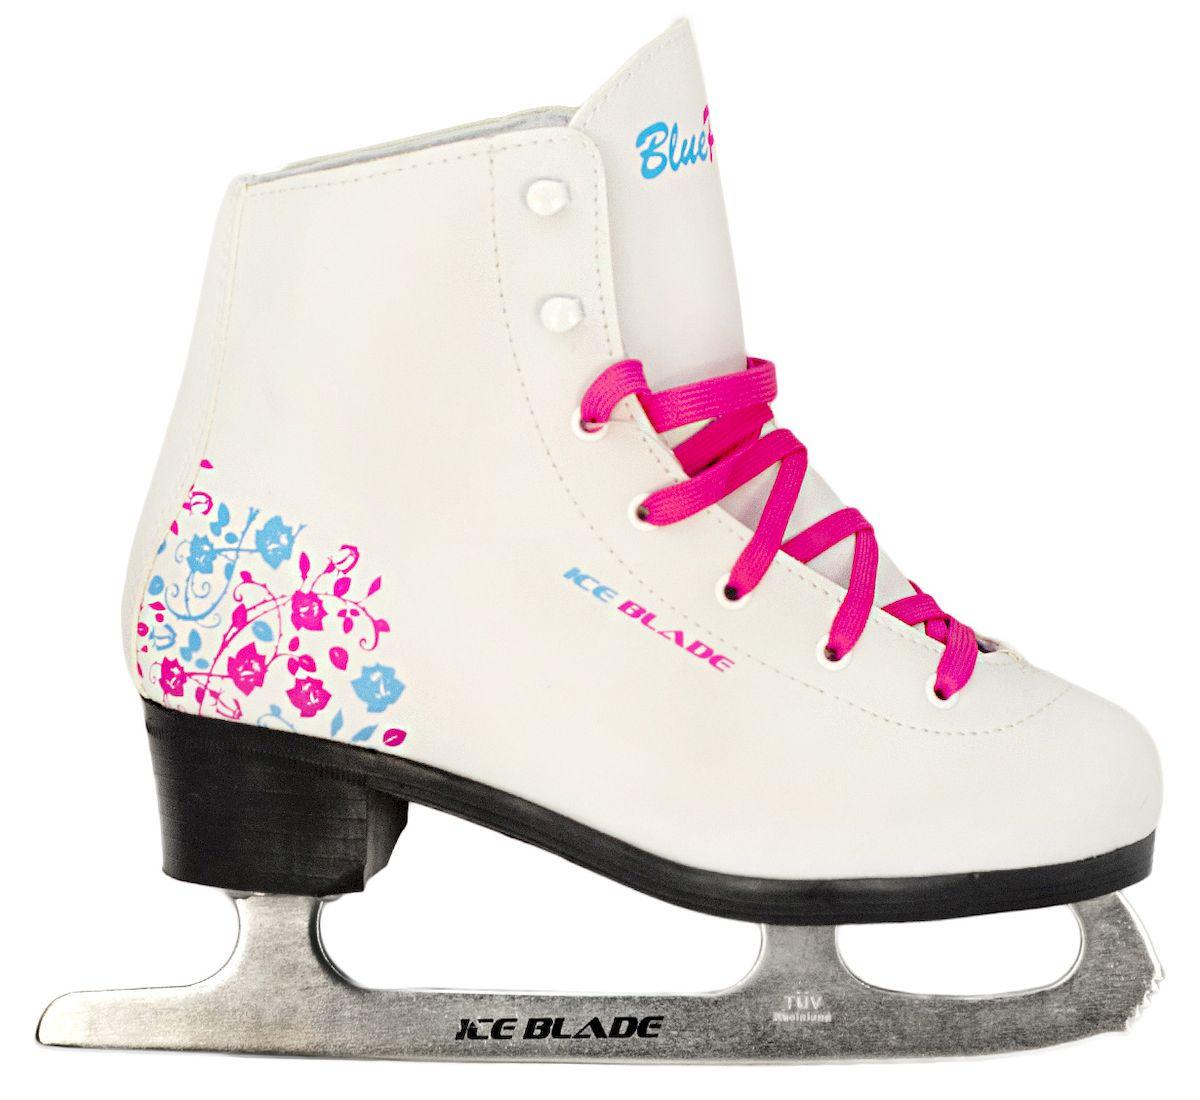 Коньки фигурные Ice Blade BluePink, цвет: белый, розовый, голубой. УТ-00006869. Размер 35УТ-00006869Коньки фигурные Ice Blade BluePink предназначены для любительского фигурного катания. Яркий и нестандартный дизайн модели BluePink совмещает голубой и розовый цвет. Более того, в комплекте помимо розовых шнурков идет пара голубых, пусть каждая любительница катания на коньках выберет для себя, какой цвет ей больше по душе.Ботинок анатомической конструкции выполнен из высококачественной искусственной кожи, покрытой полиуретаном, защищающим от влаги. Внутренняя набивка из специального материала, комфортно адаптирующегося к форме ноги. Внутренняя отделка из мягкого вельвета.Лезвия изготовлены из высокоуглеродистой стали, сертифицированной TUV Rheiland. Коньки поставляются с заводской заточкой лезвия, что позволяет сразу приступить к катанию, не тратя время и денег на заточку. Коньки подходят для использования на открытом и закрытом льду.